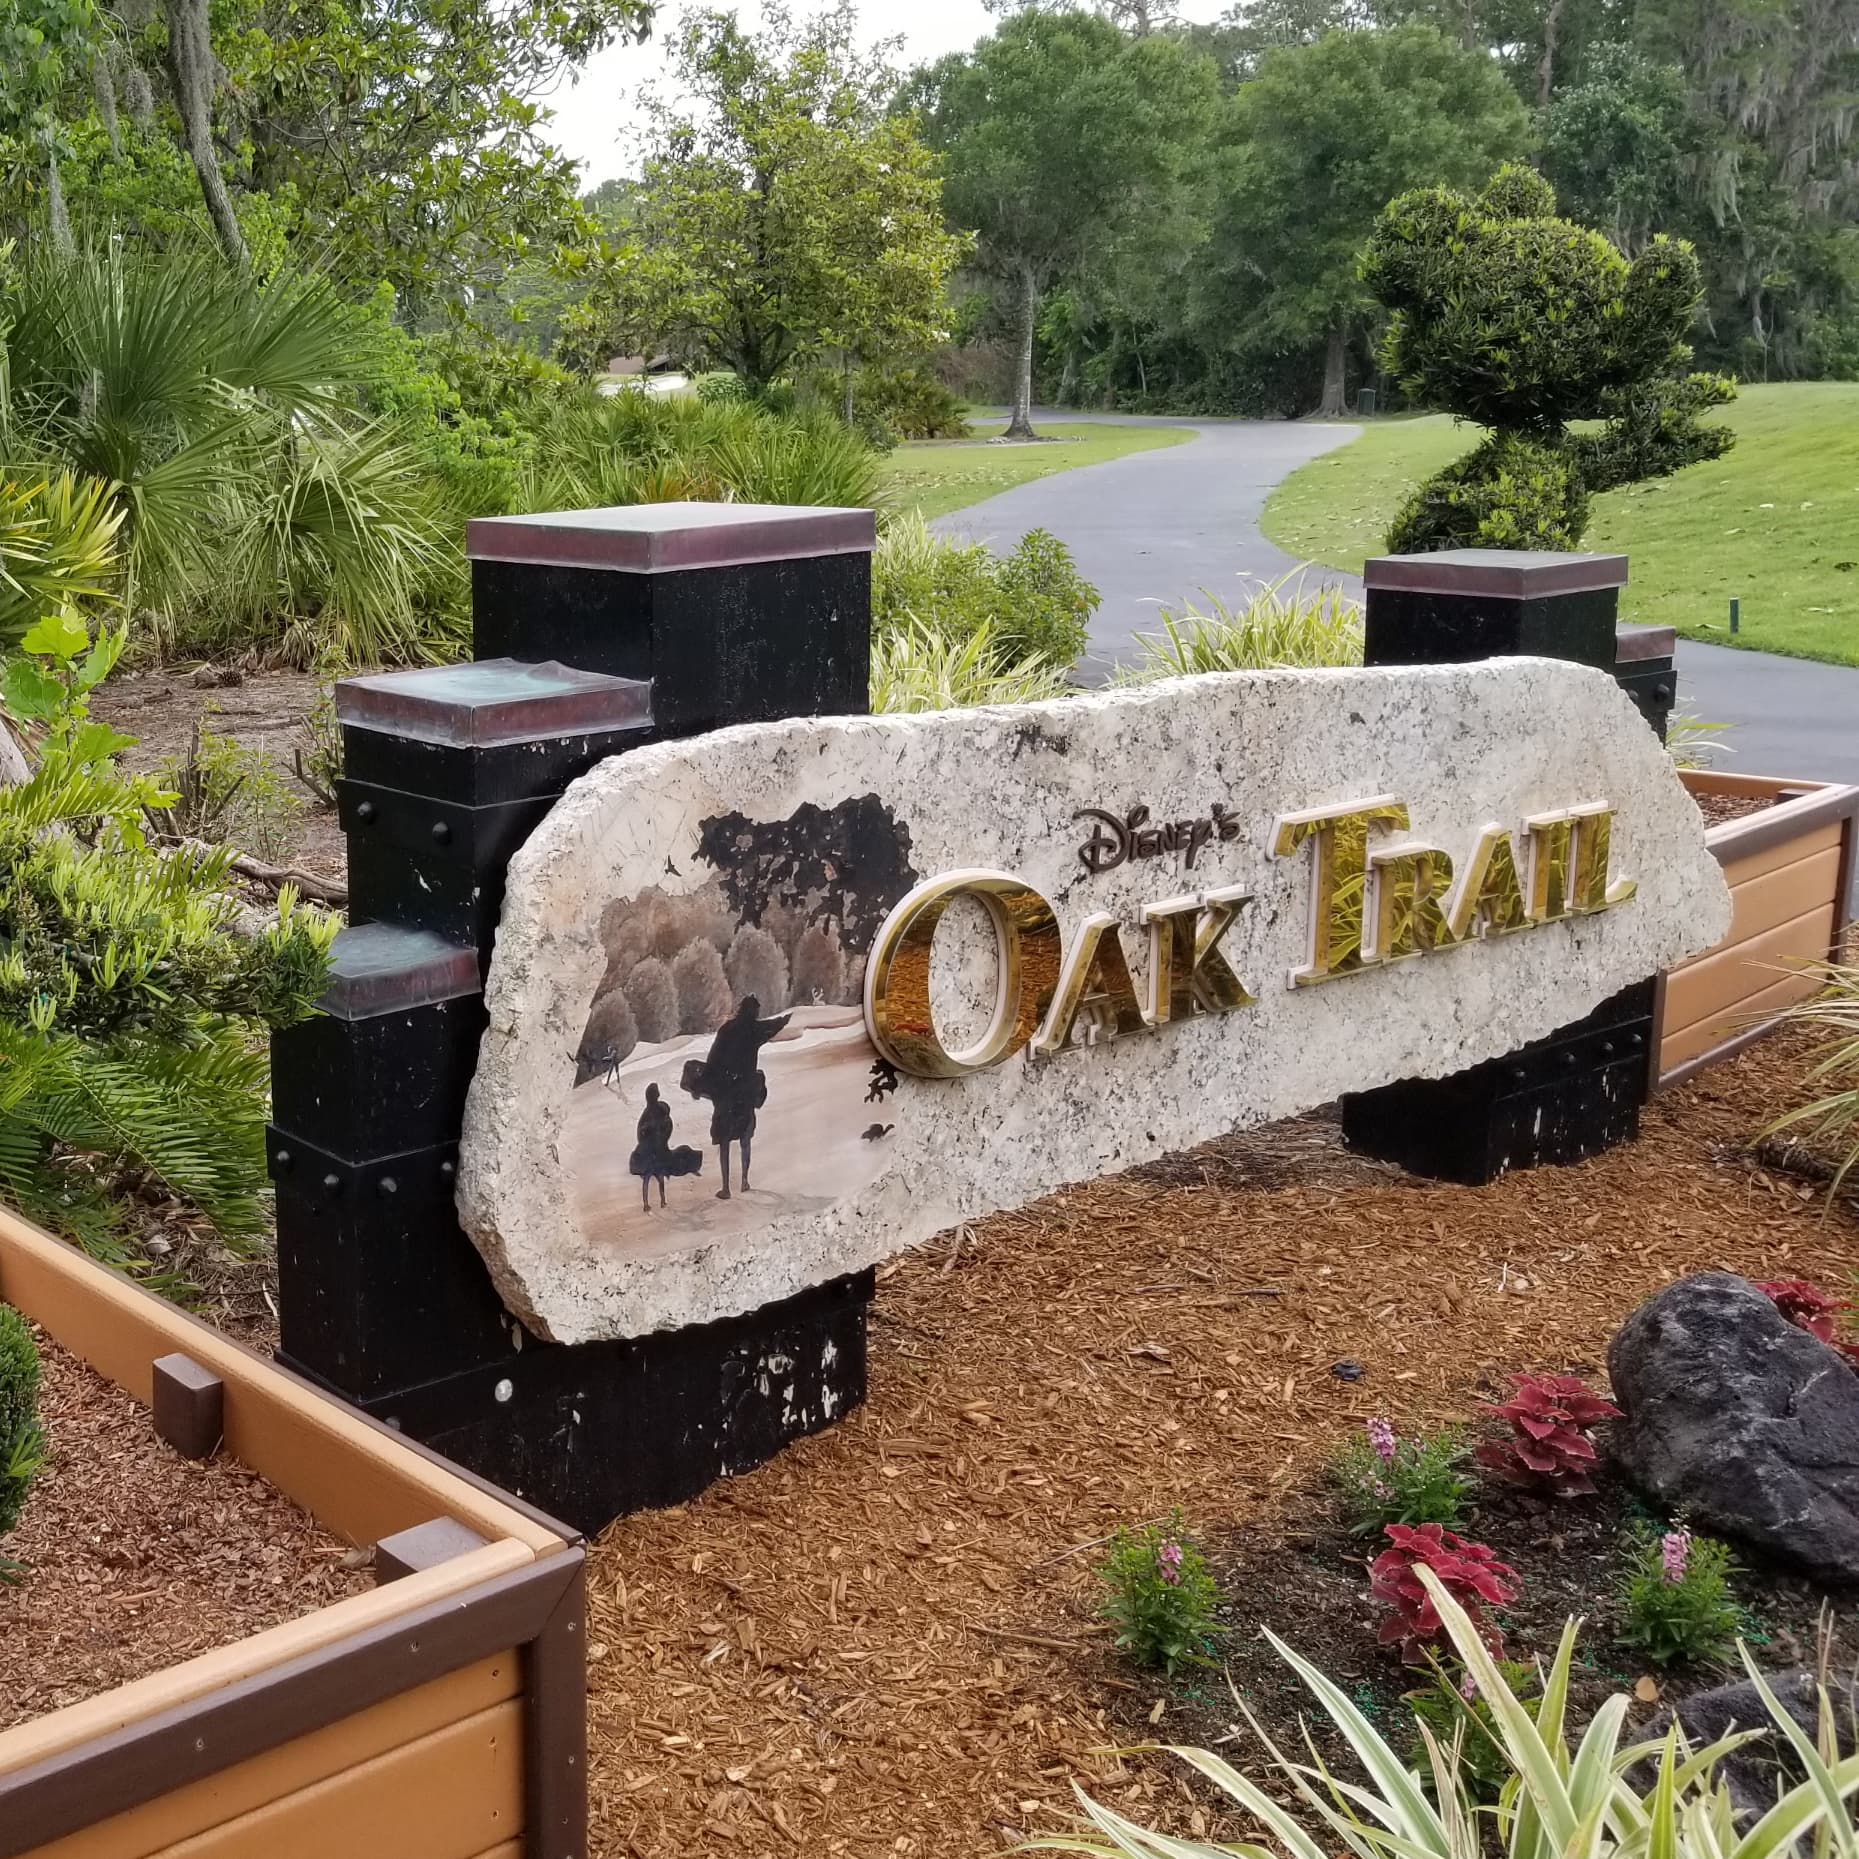 ゴルフカートの道の横にある「Disney's Oak Trail」という看板